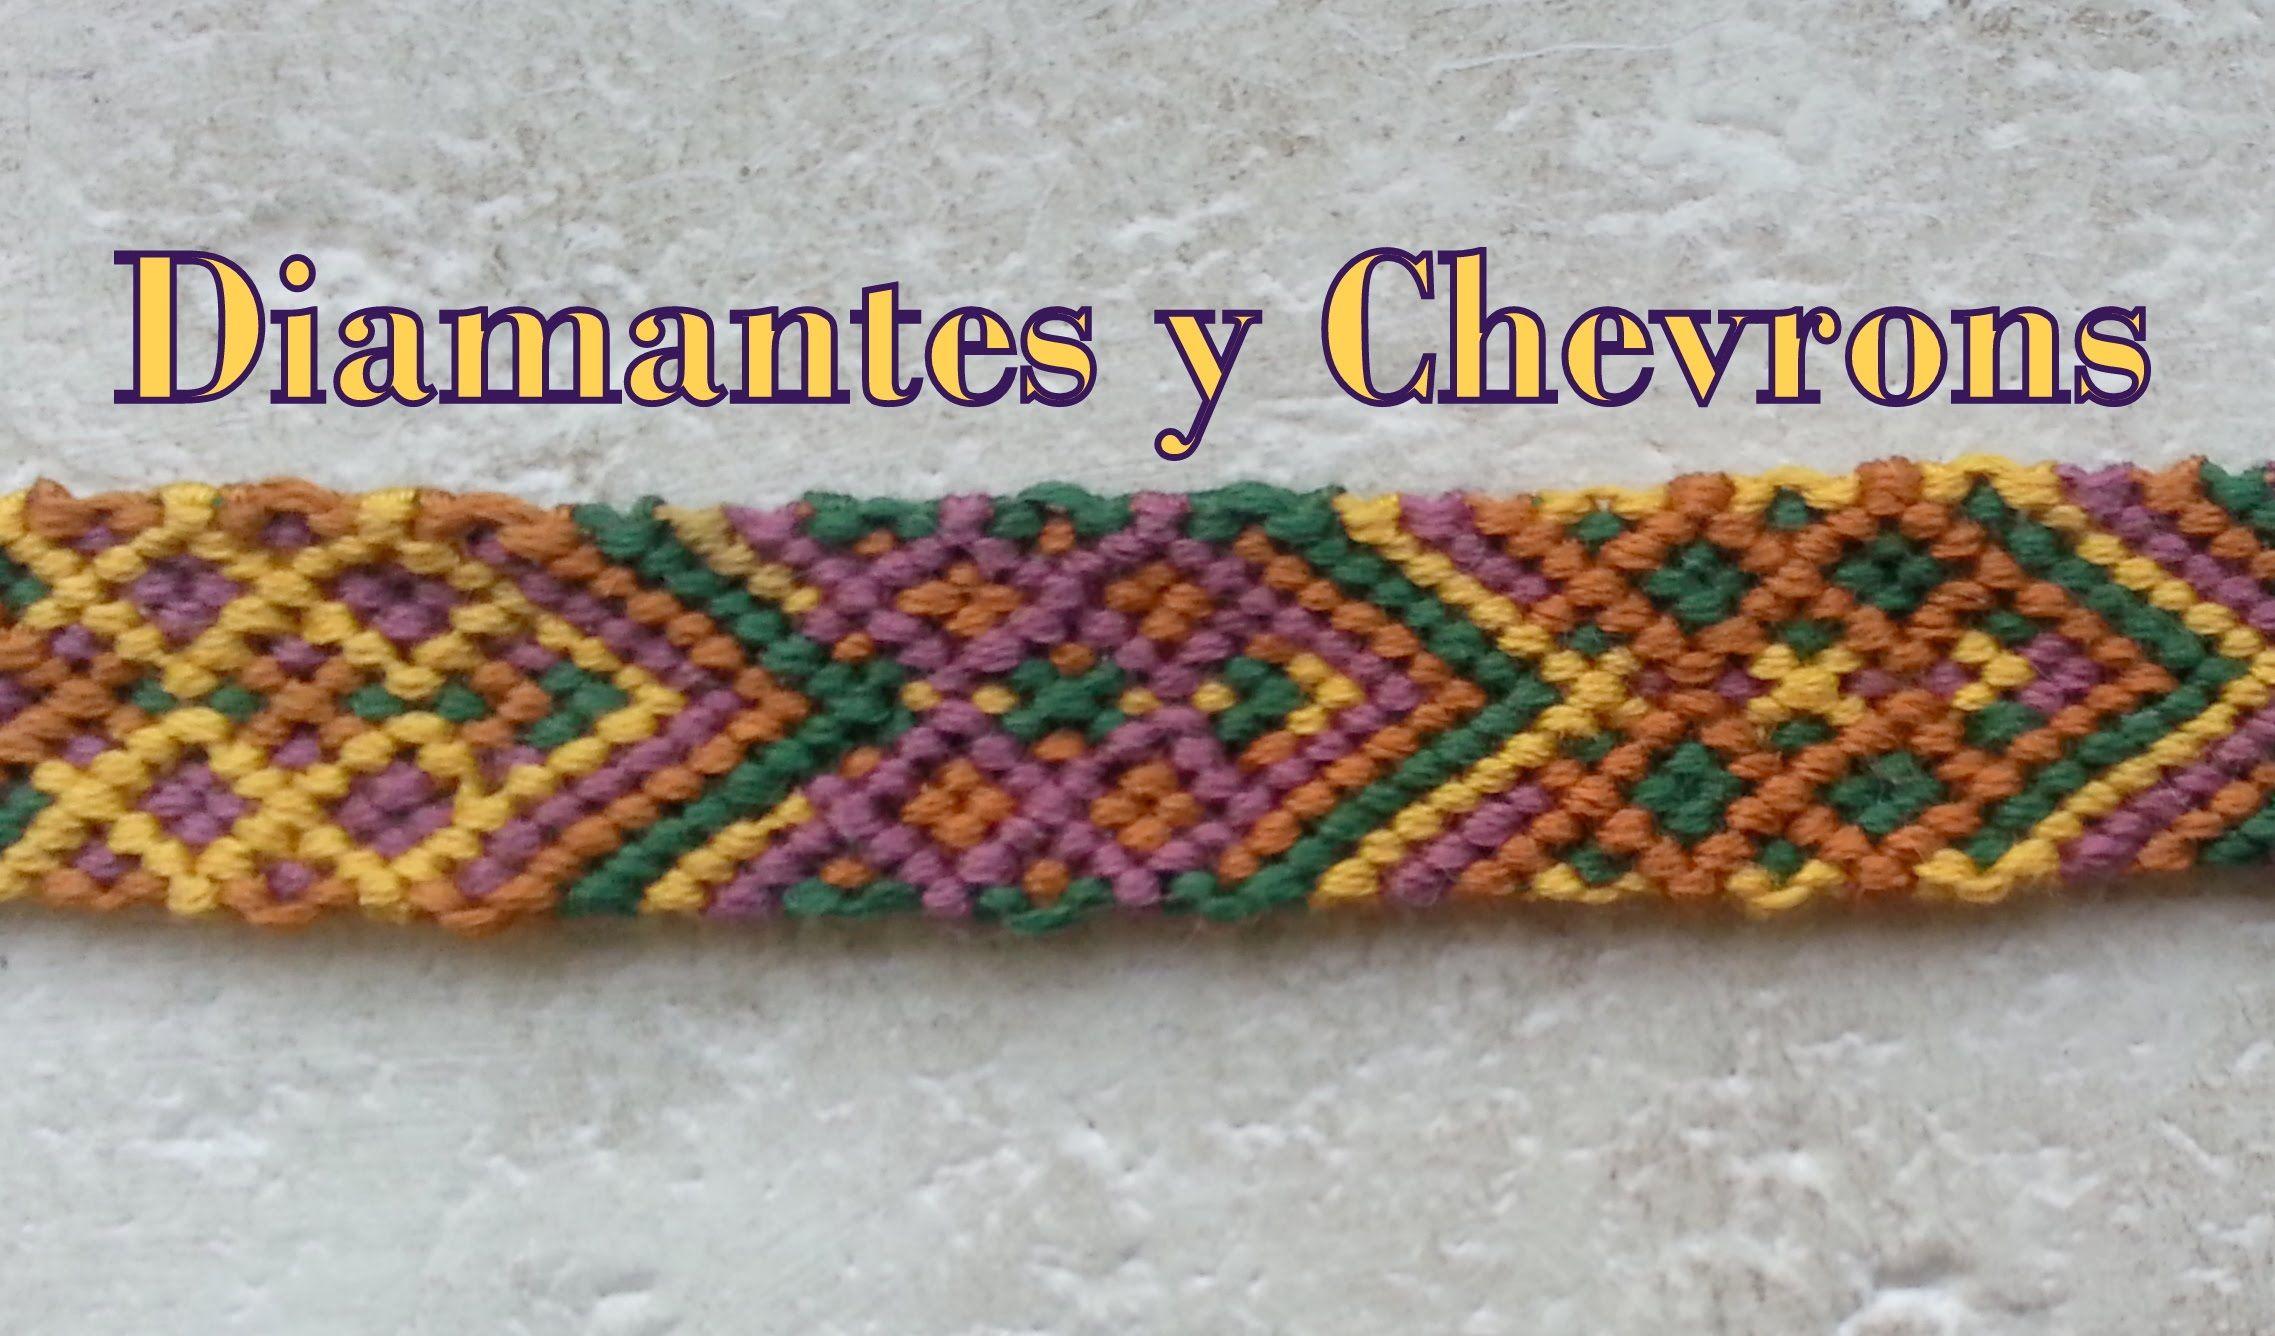 Pulseras de Hilo: Diamantes y Chevrons | Macrame Creations ...